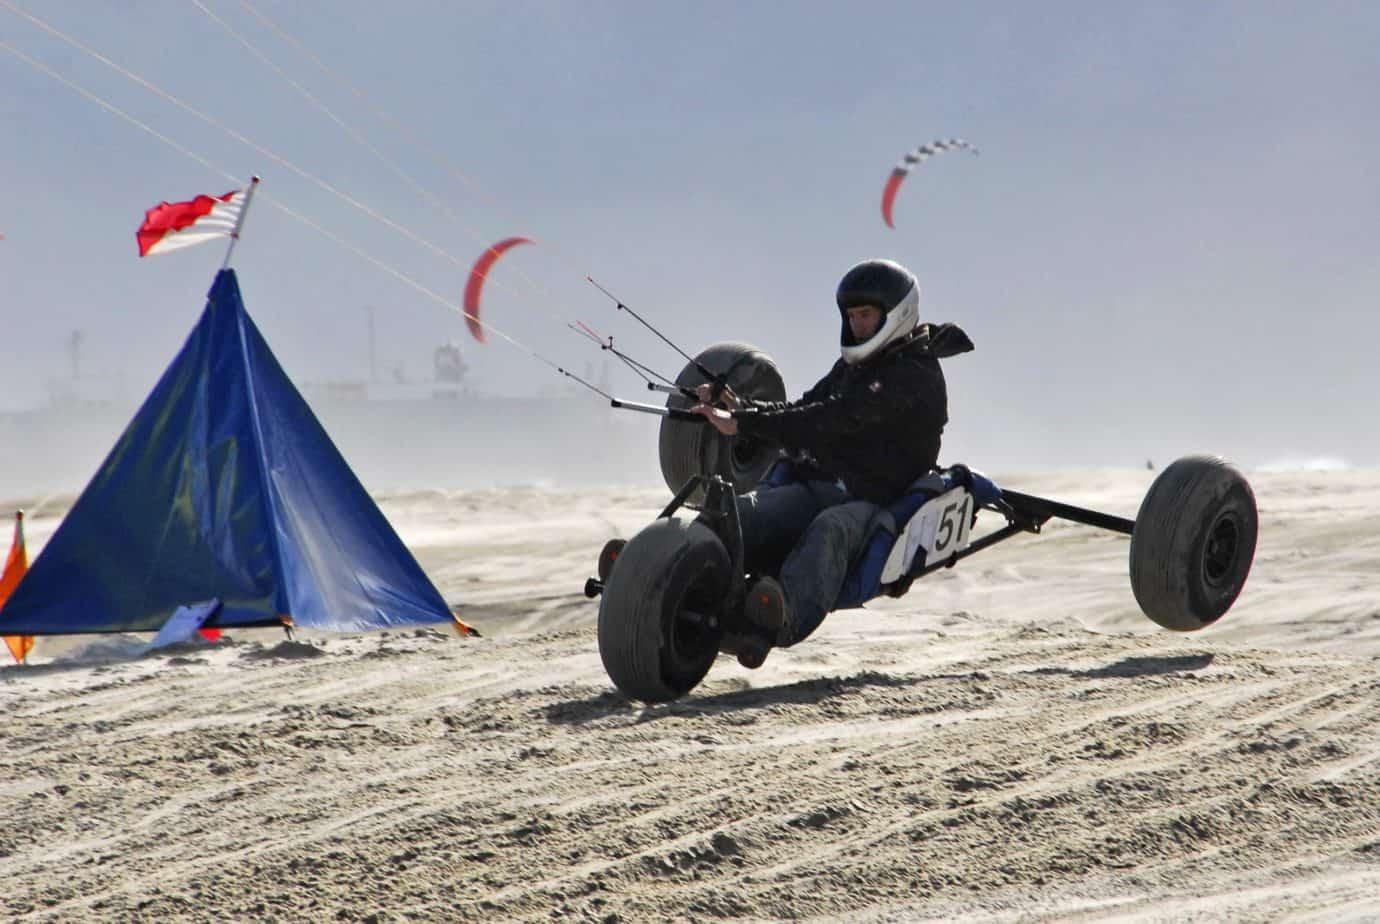 Kitebuggys schießen über die weiten Strandabschnitte, so wie hier auf Borkum. Foto: Horst Nebbe